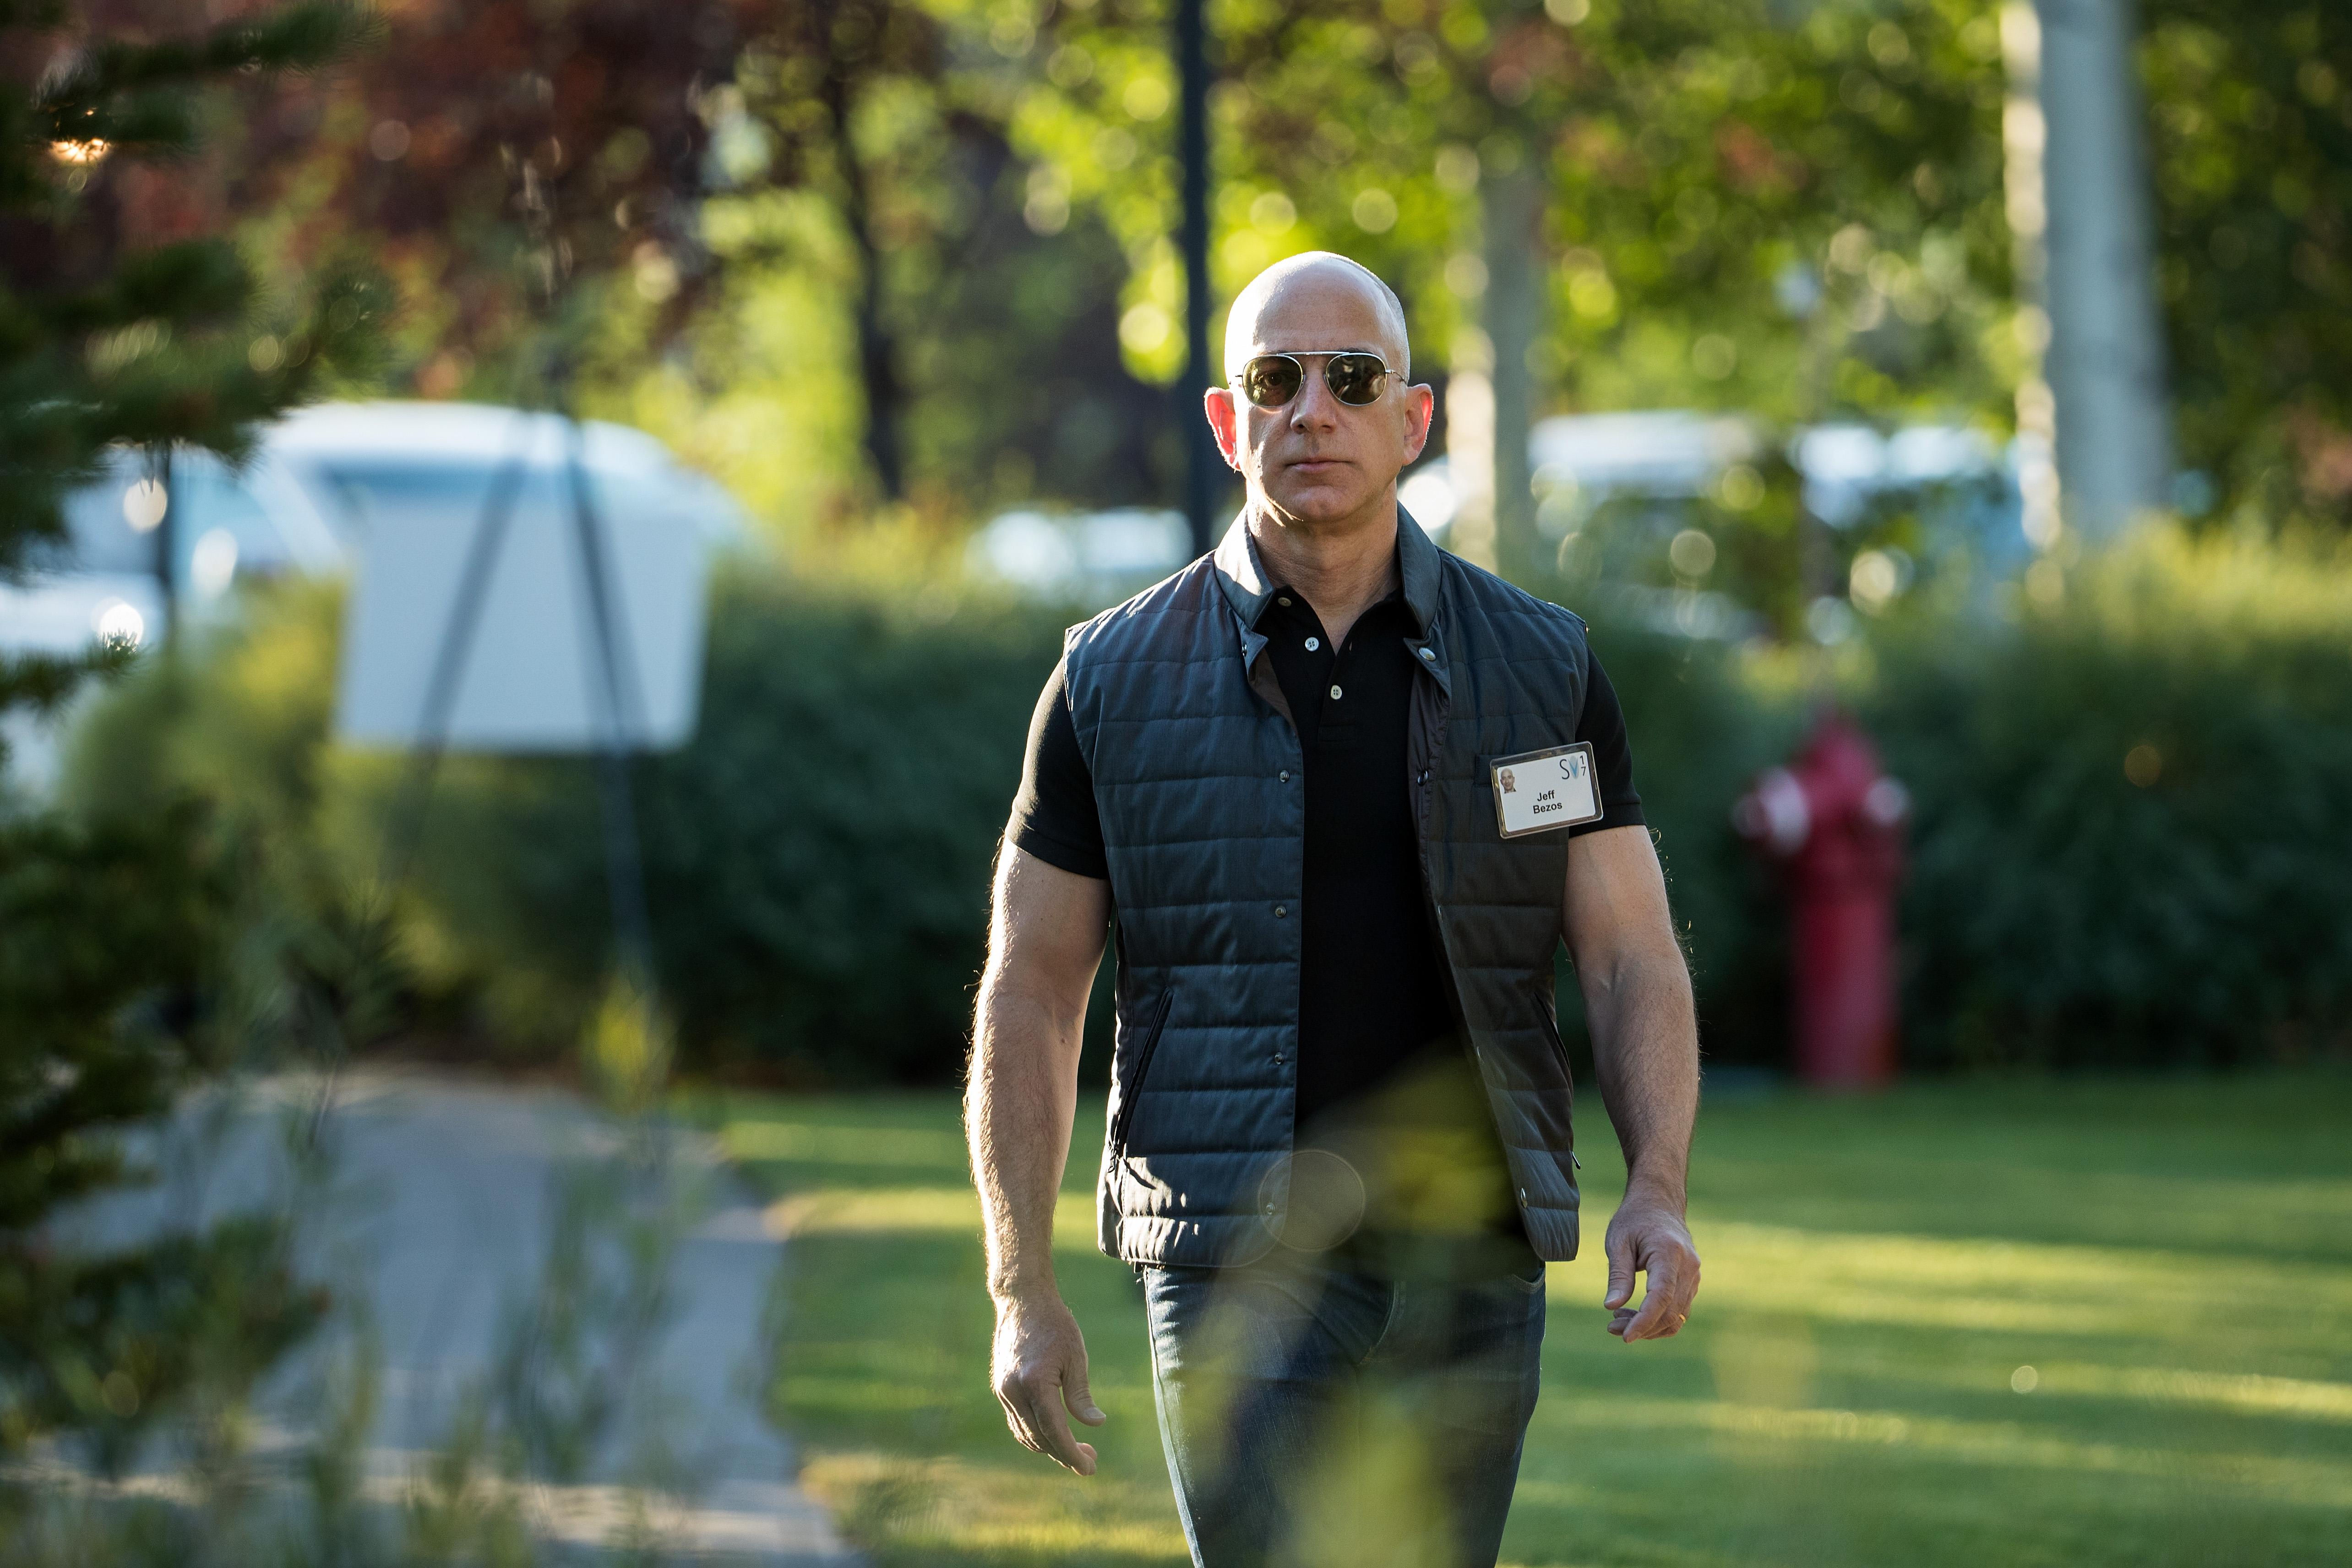 Jeff Bezos walks outside in Sun Valley, Idaho, in 2017.